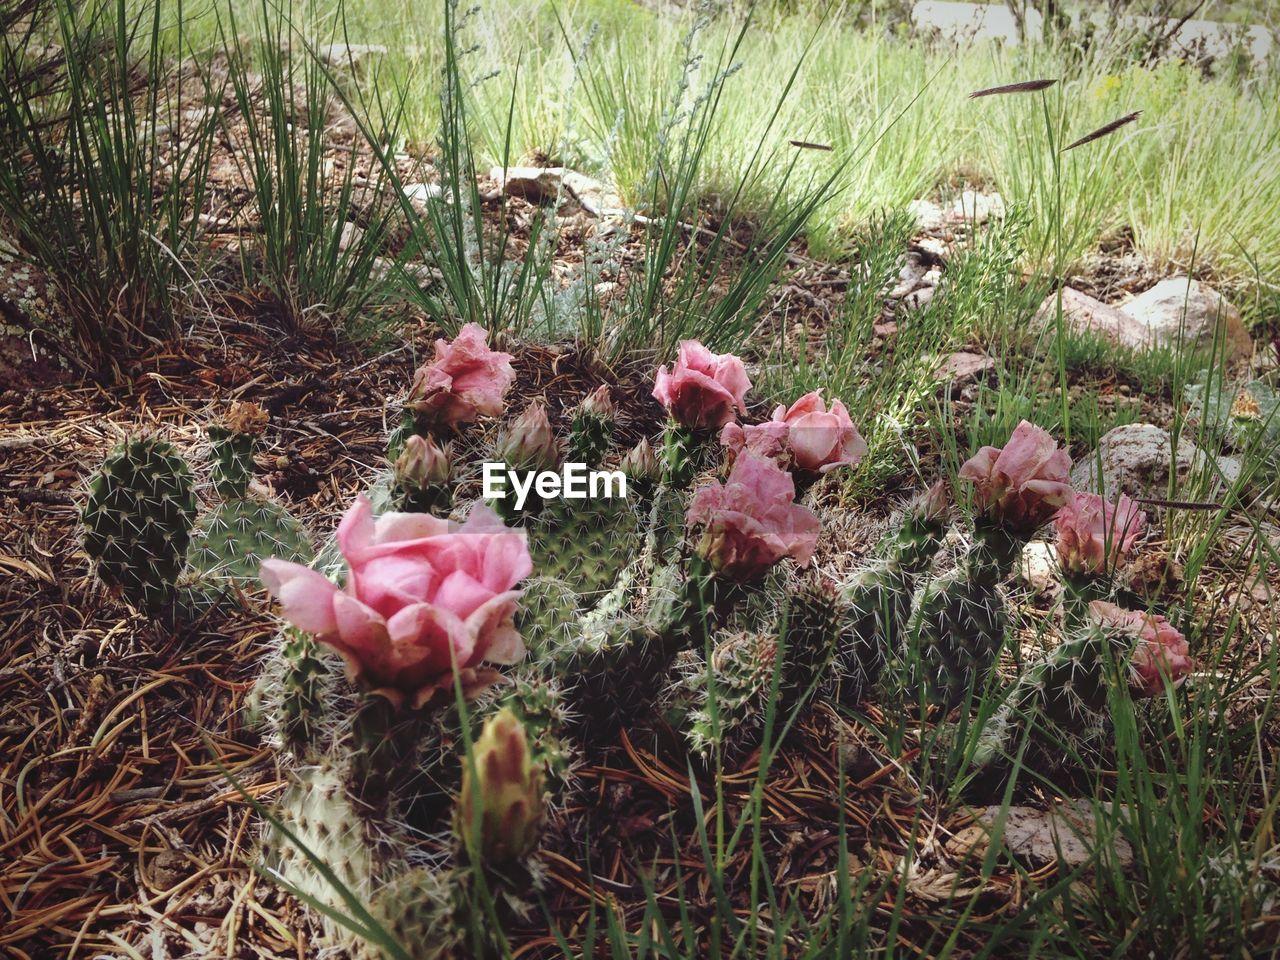 Pink cactus flowers blooming on field